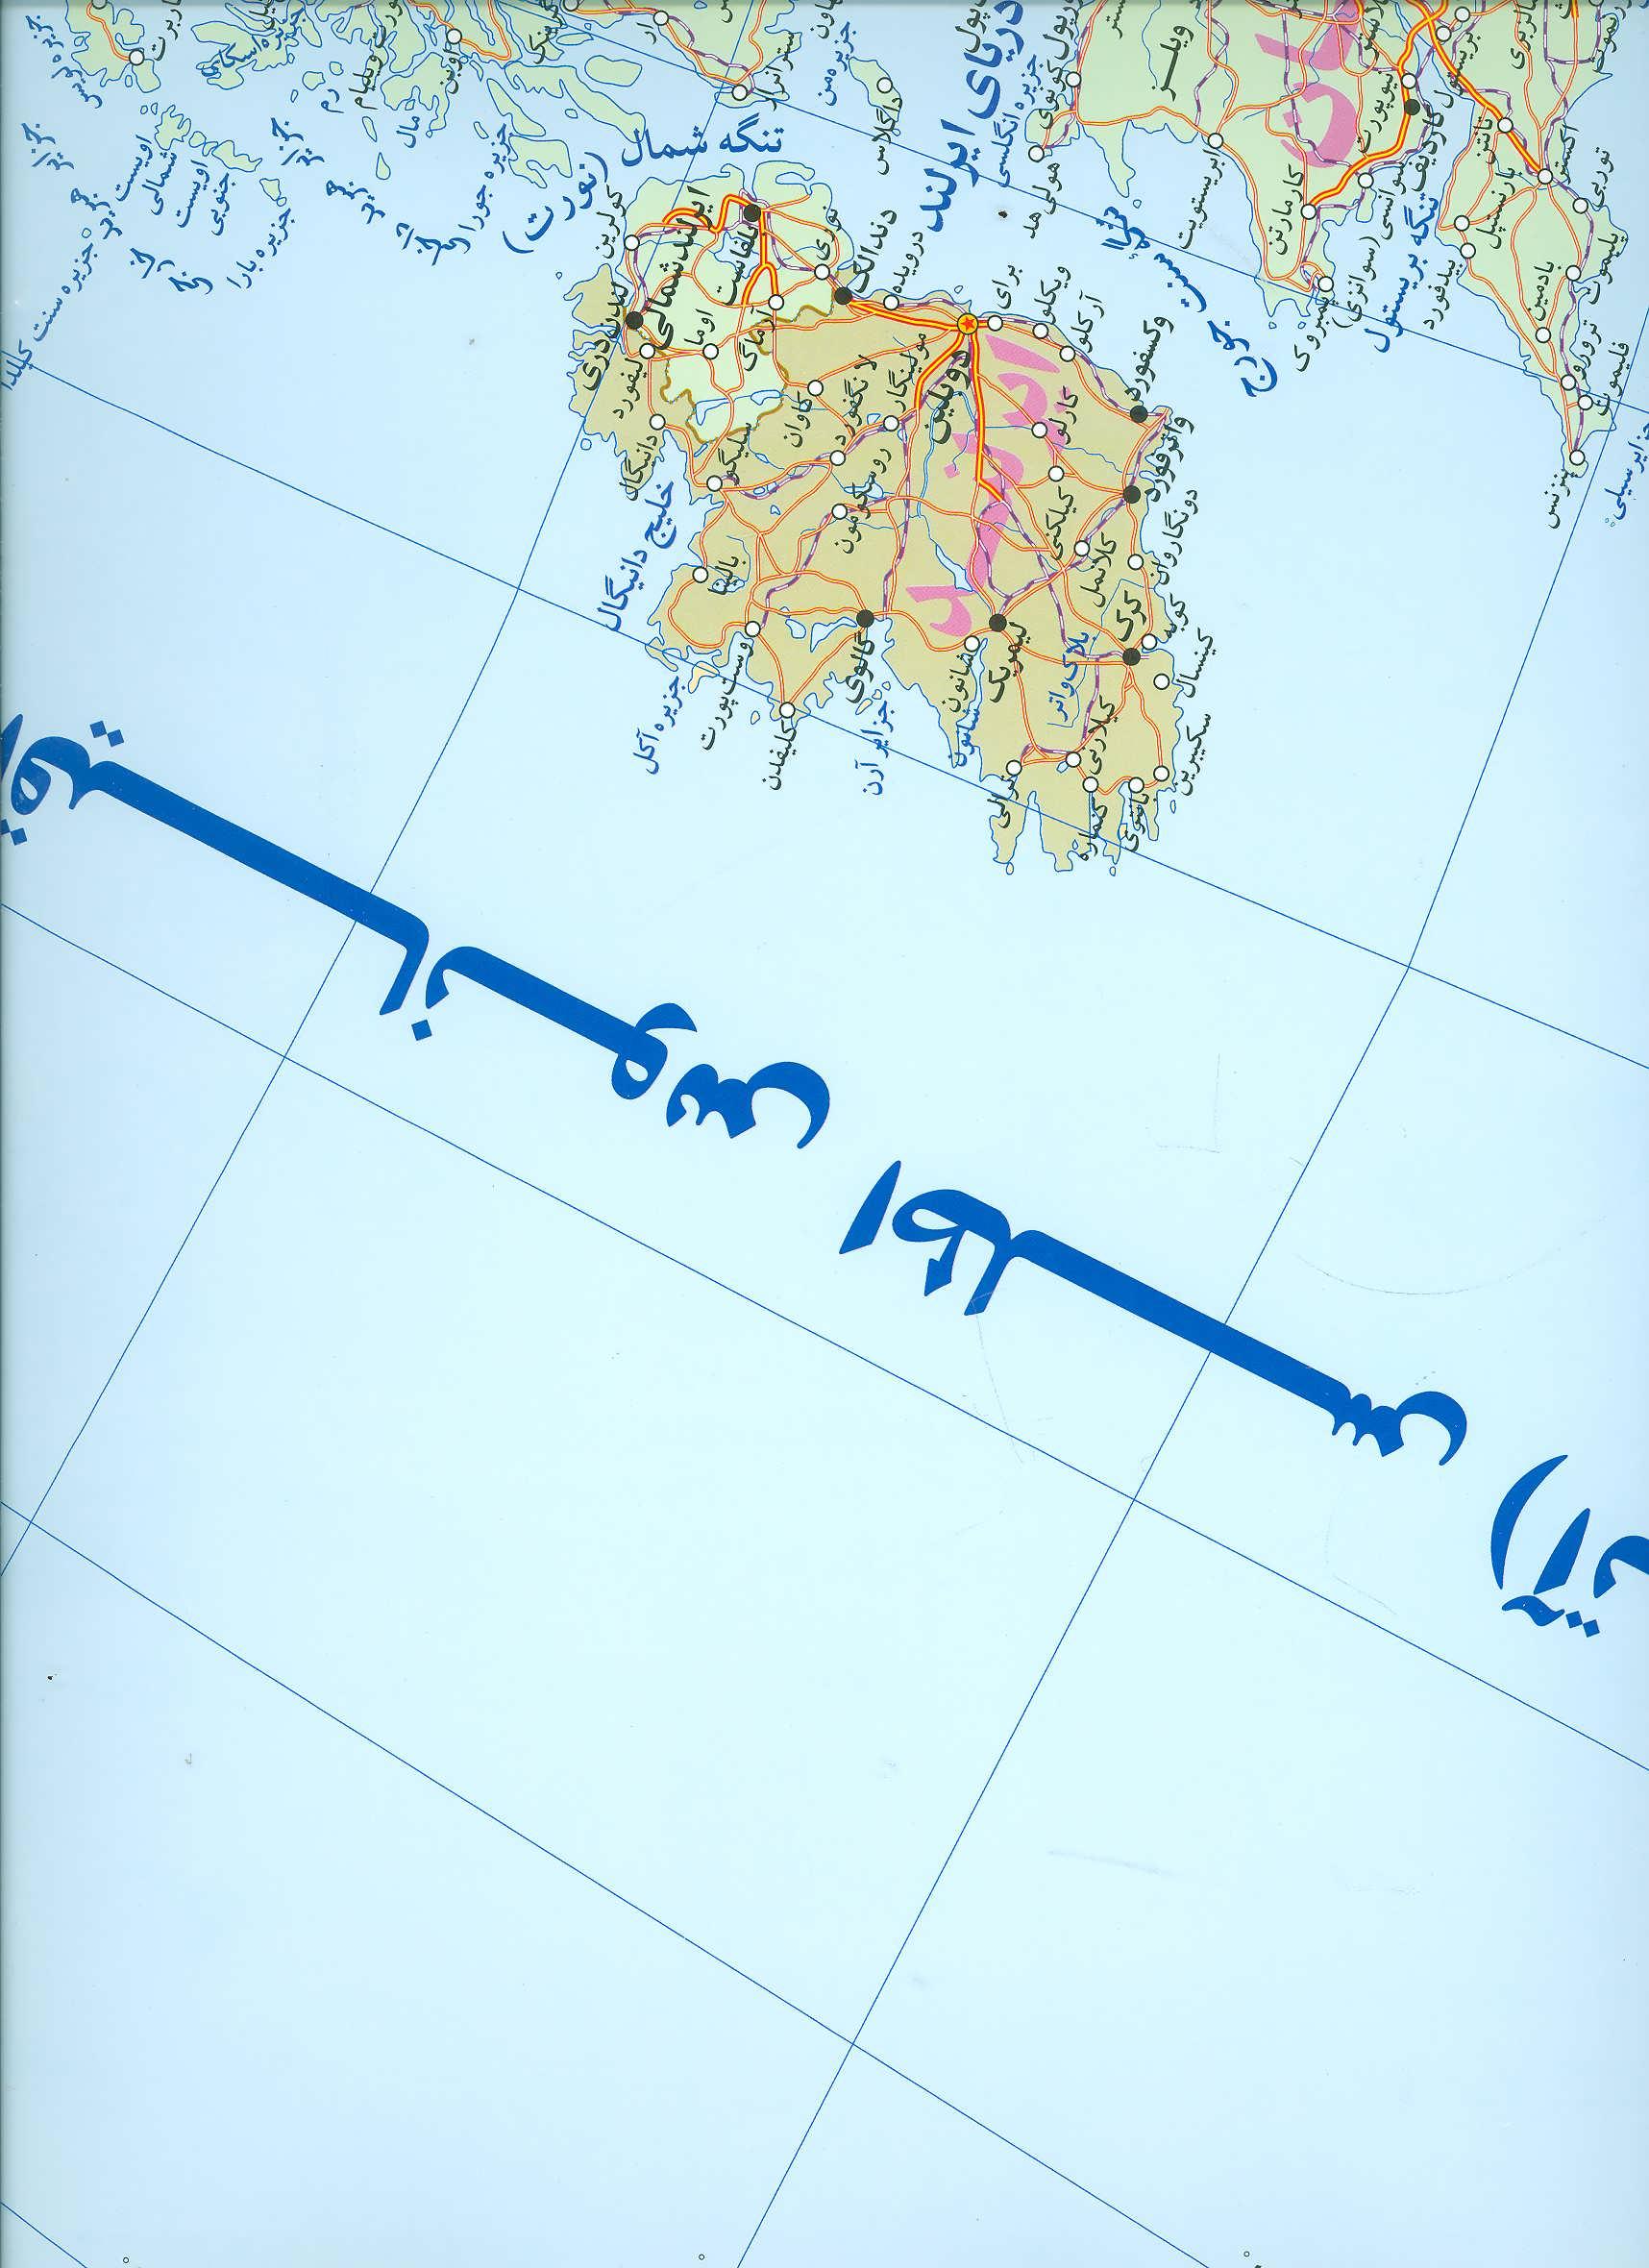 نقشه عمومی اروپا کد 351